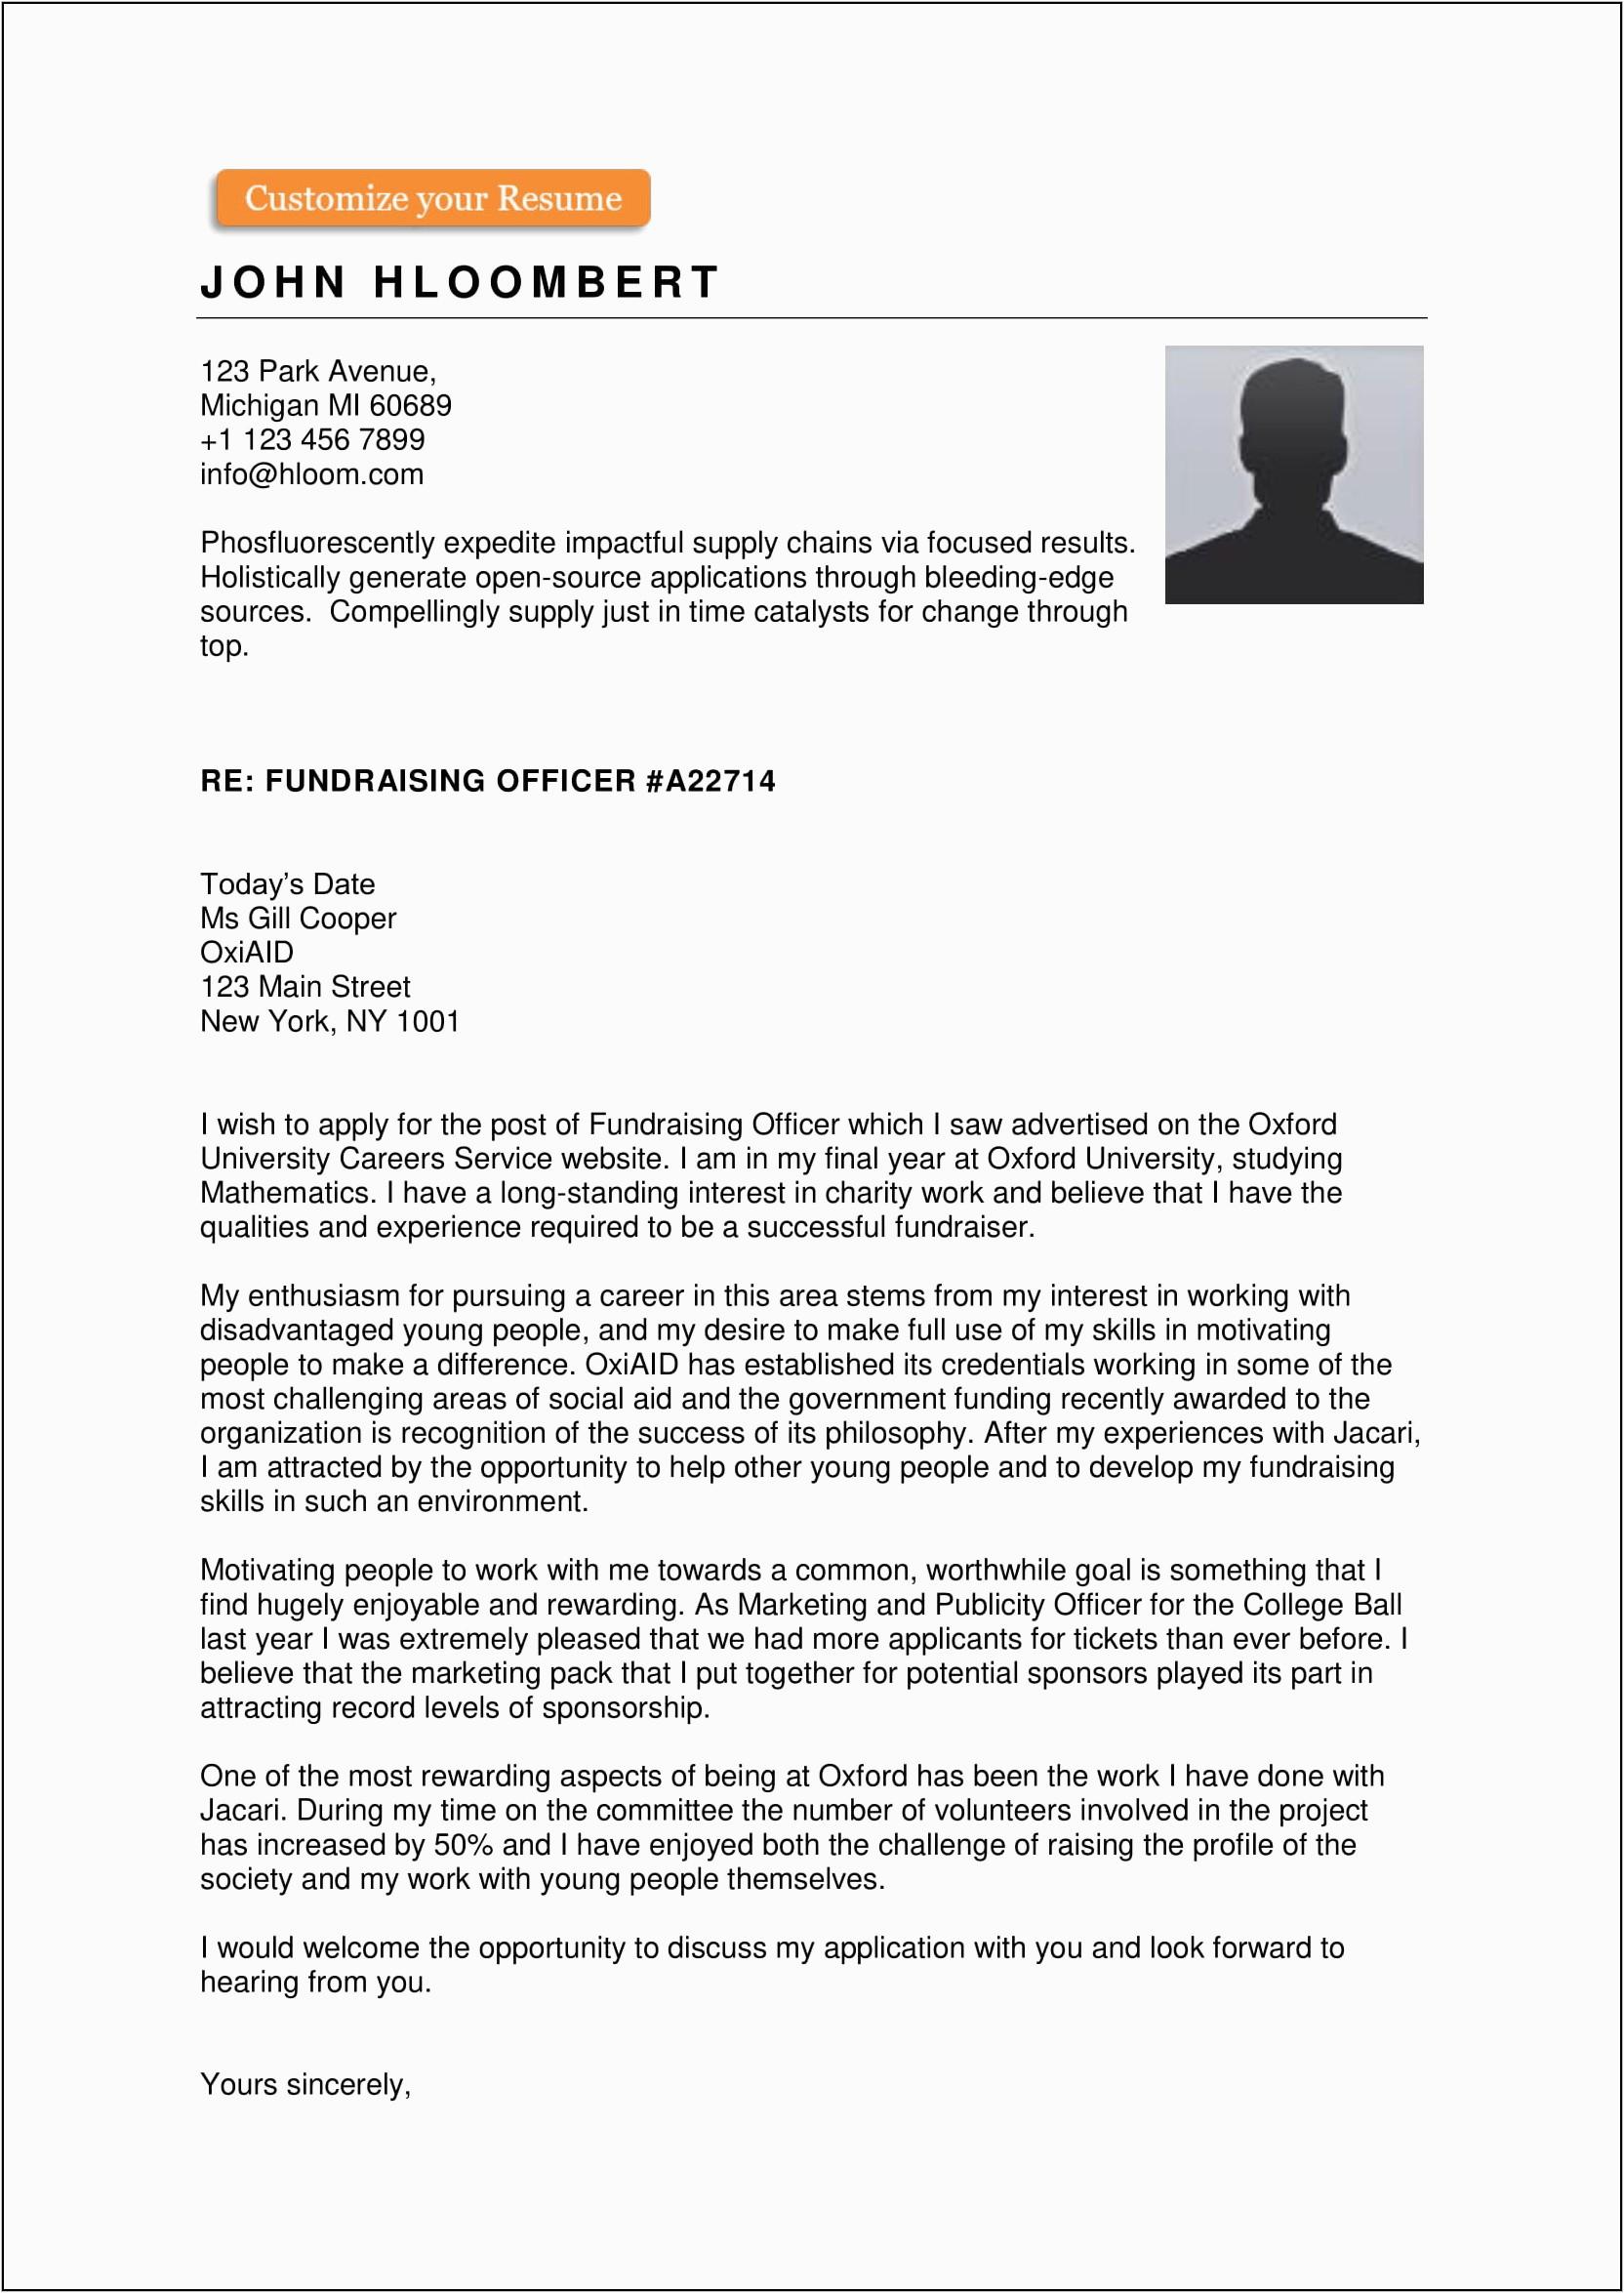 resume cover letter sample free